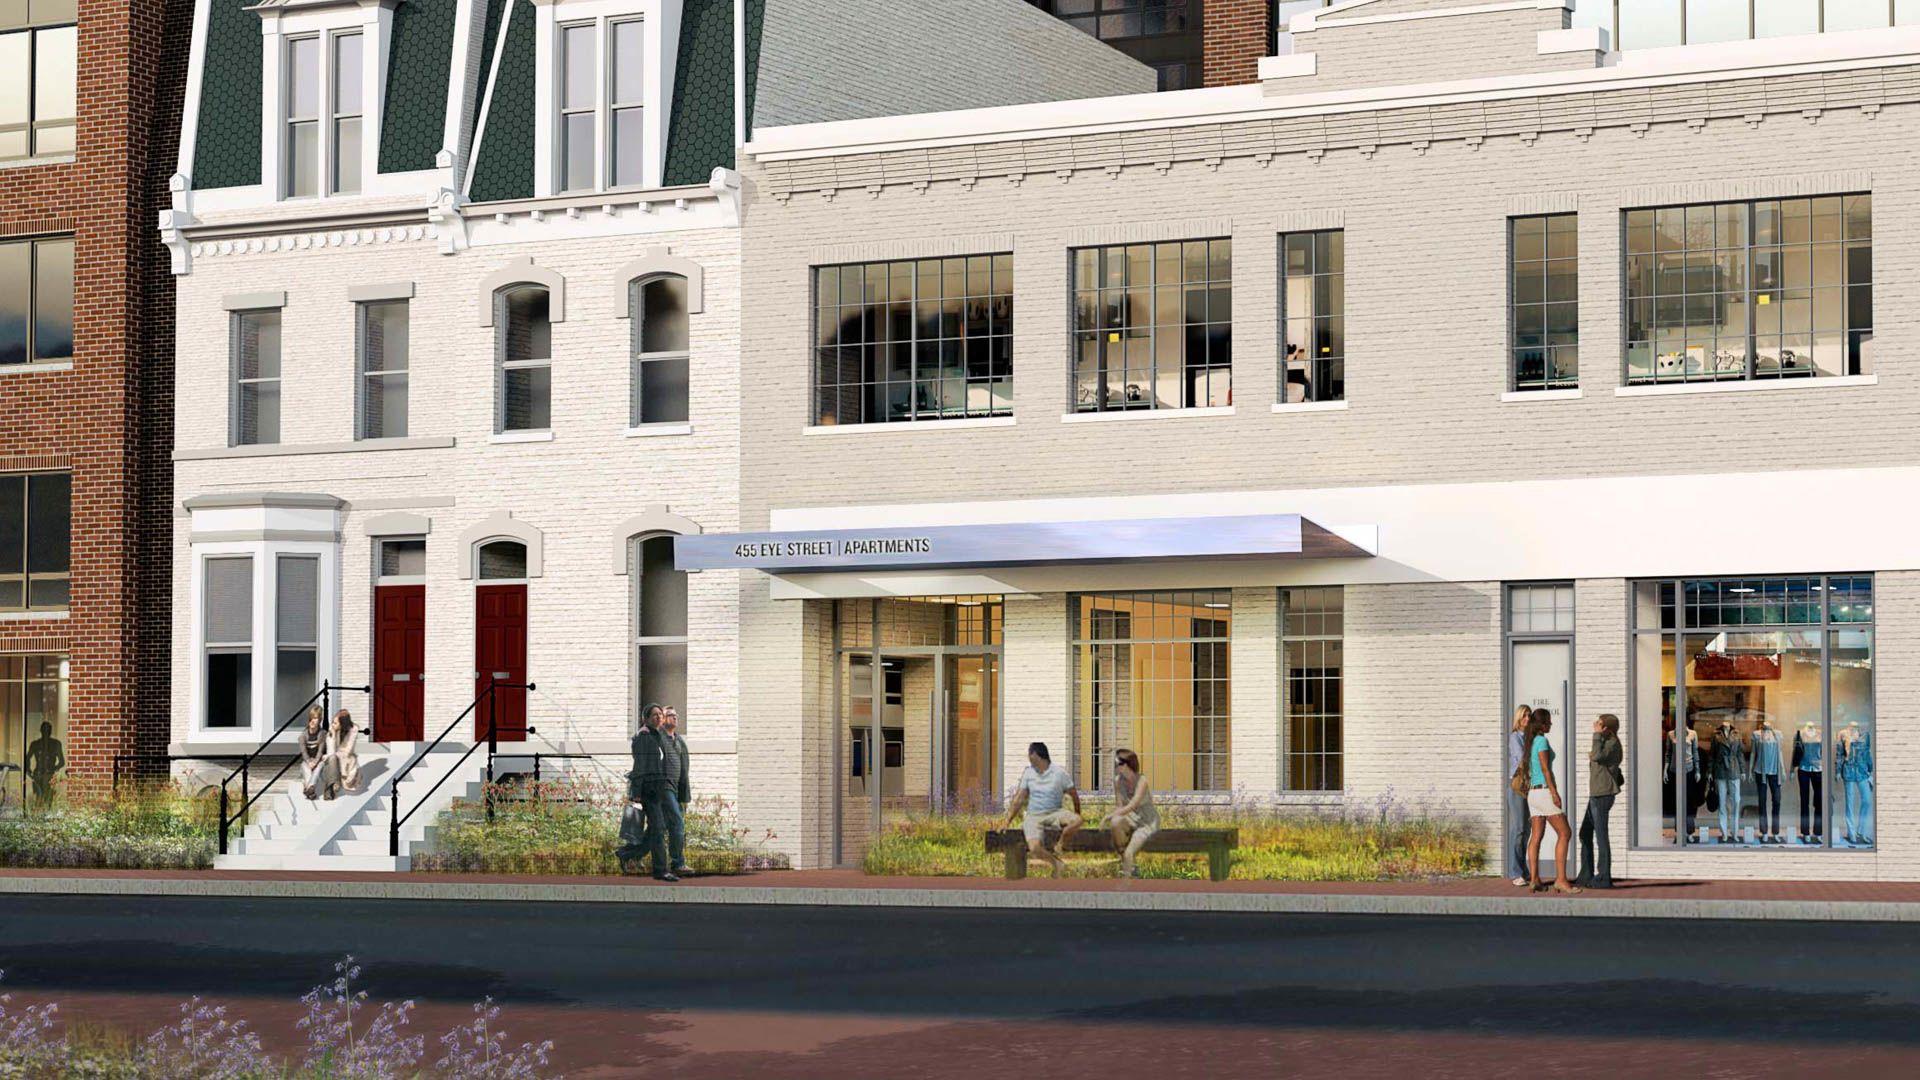 455 Eye Street Apartments - Exterior